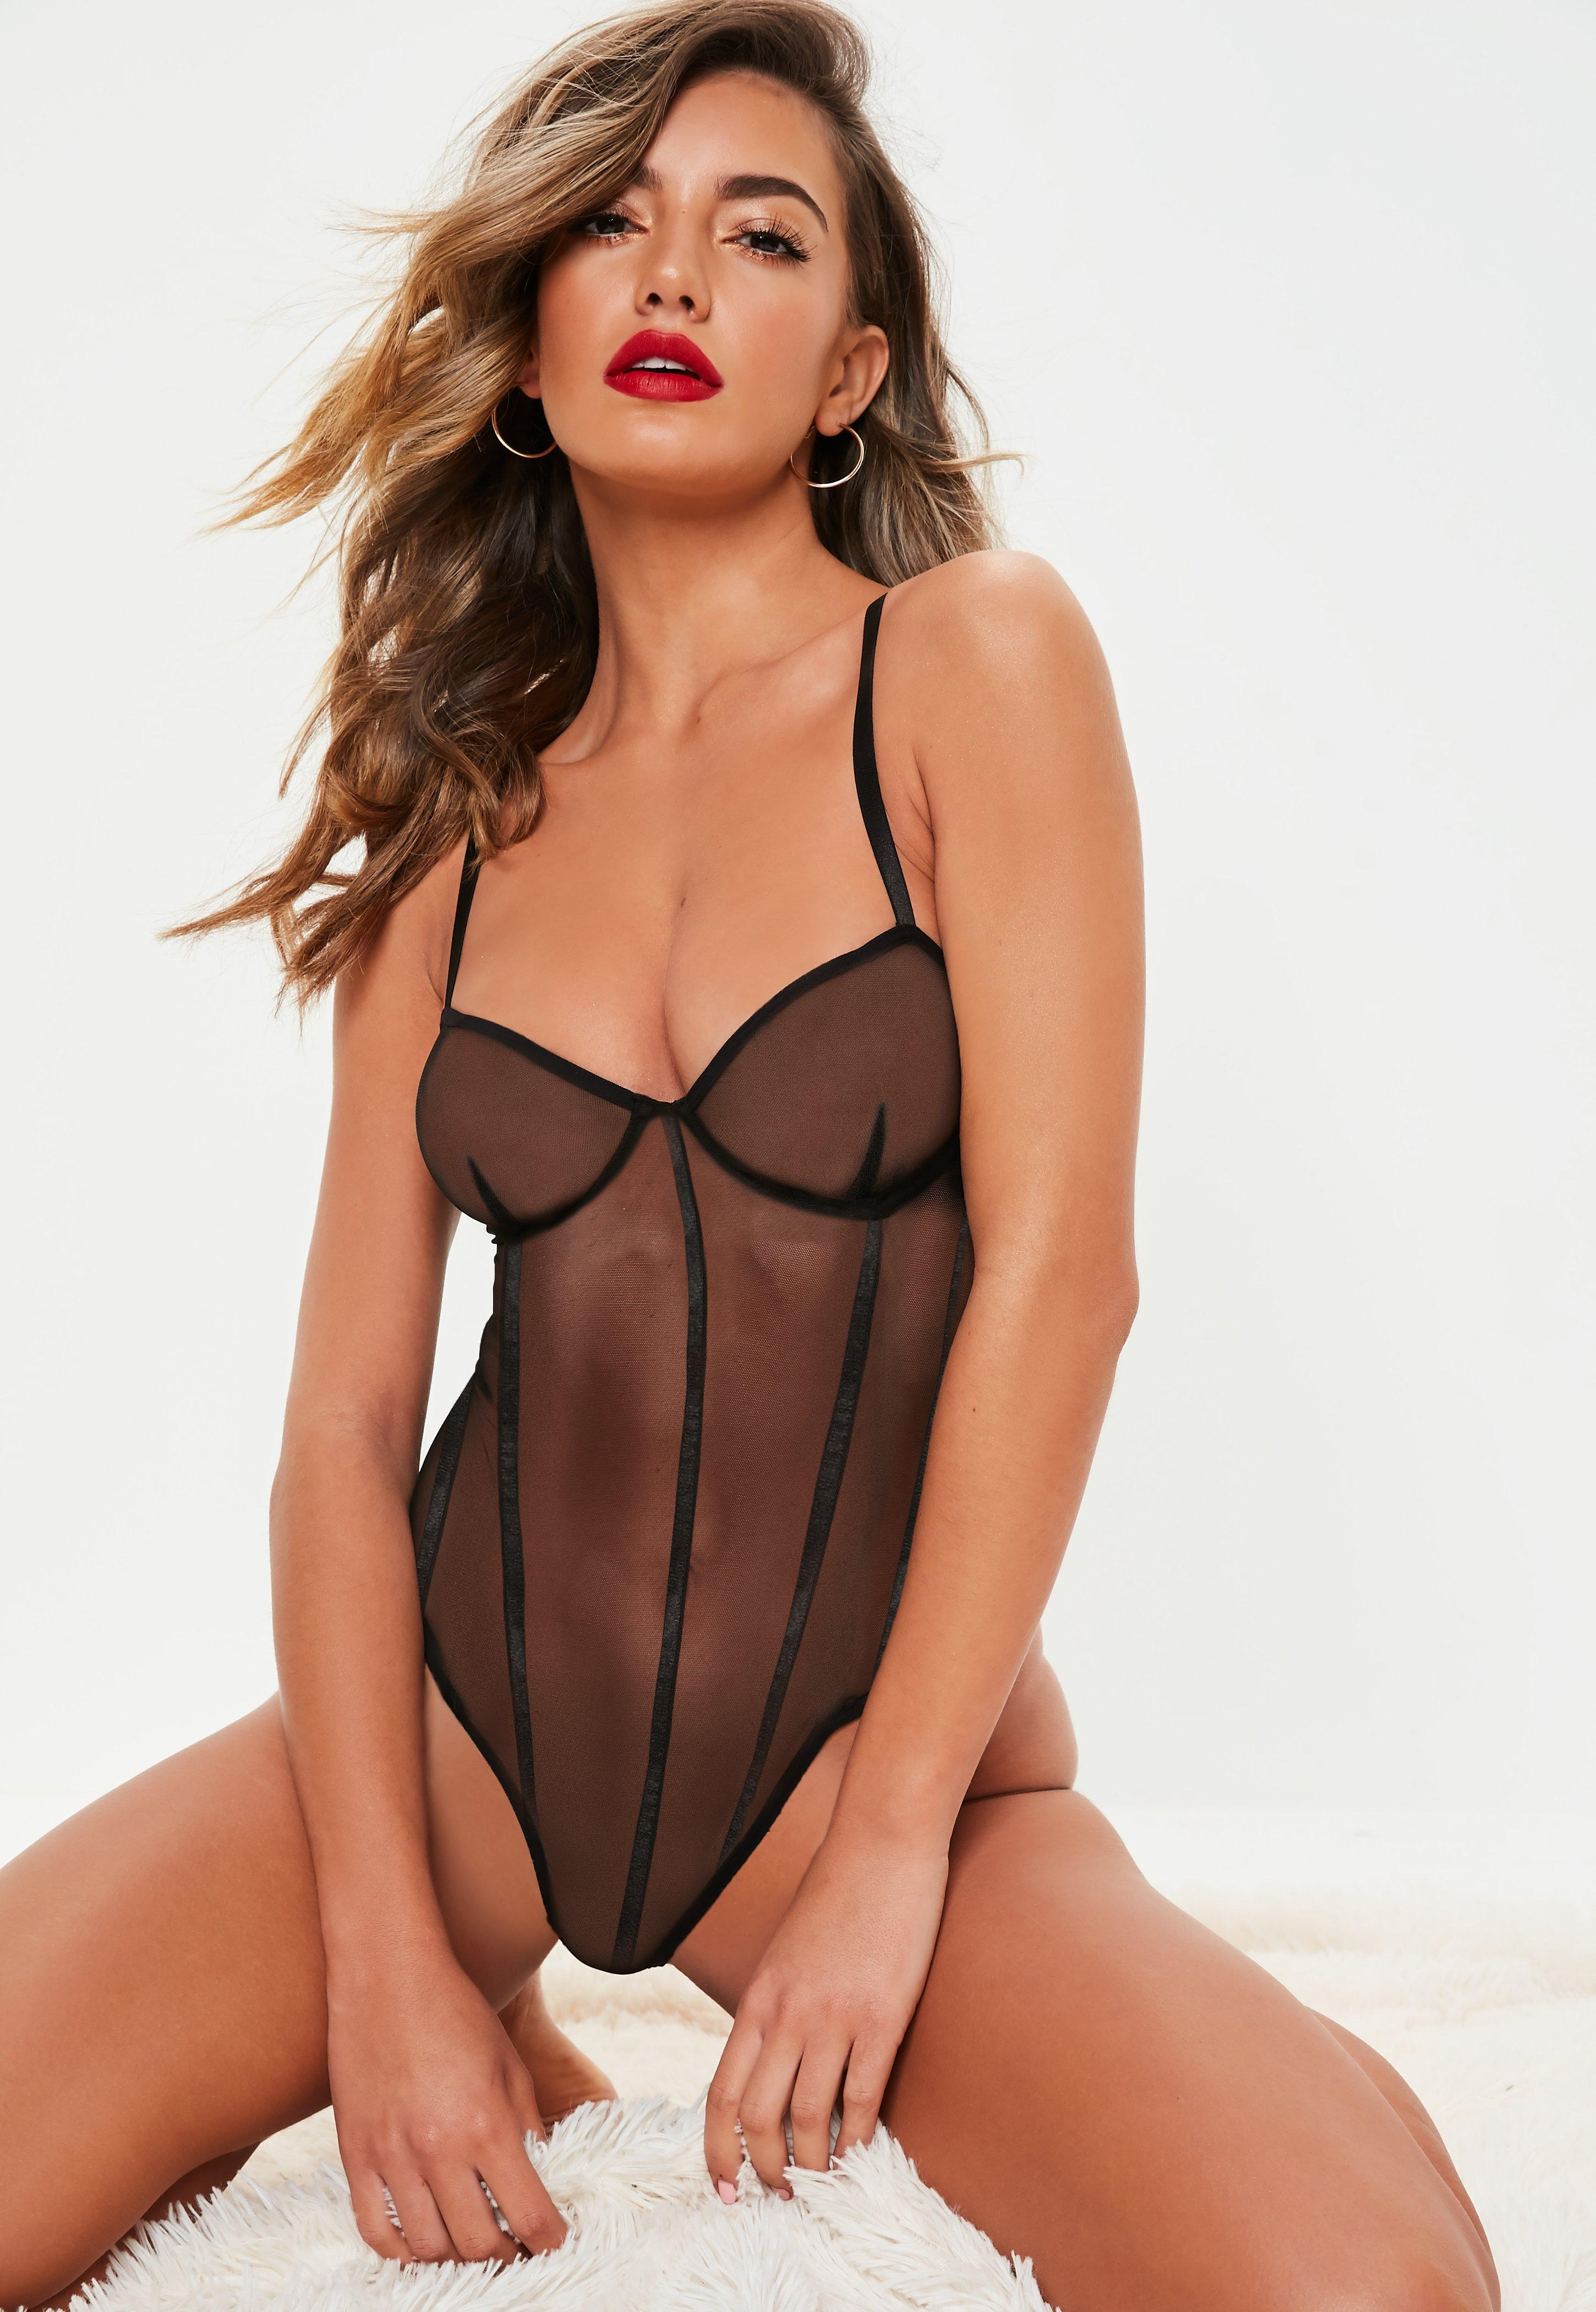 ec6ae89f5acba Lingerie femme | Sous-vêtements & ensemble sexy en ligne